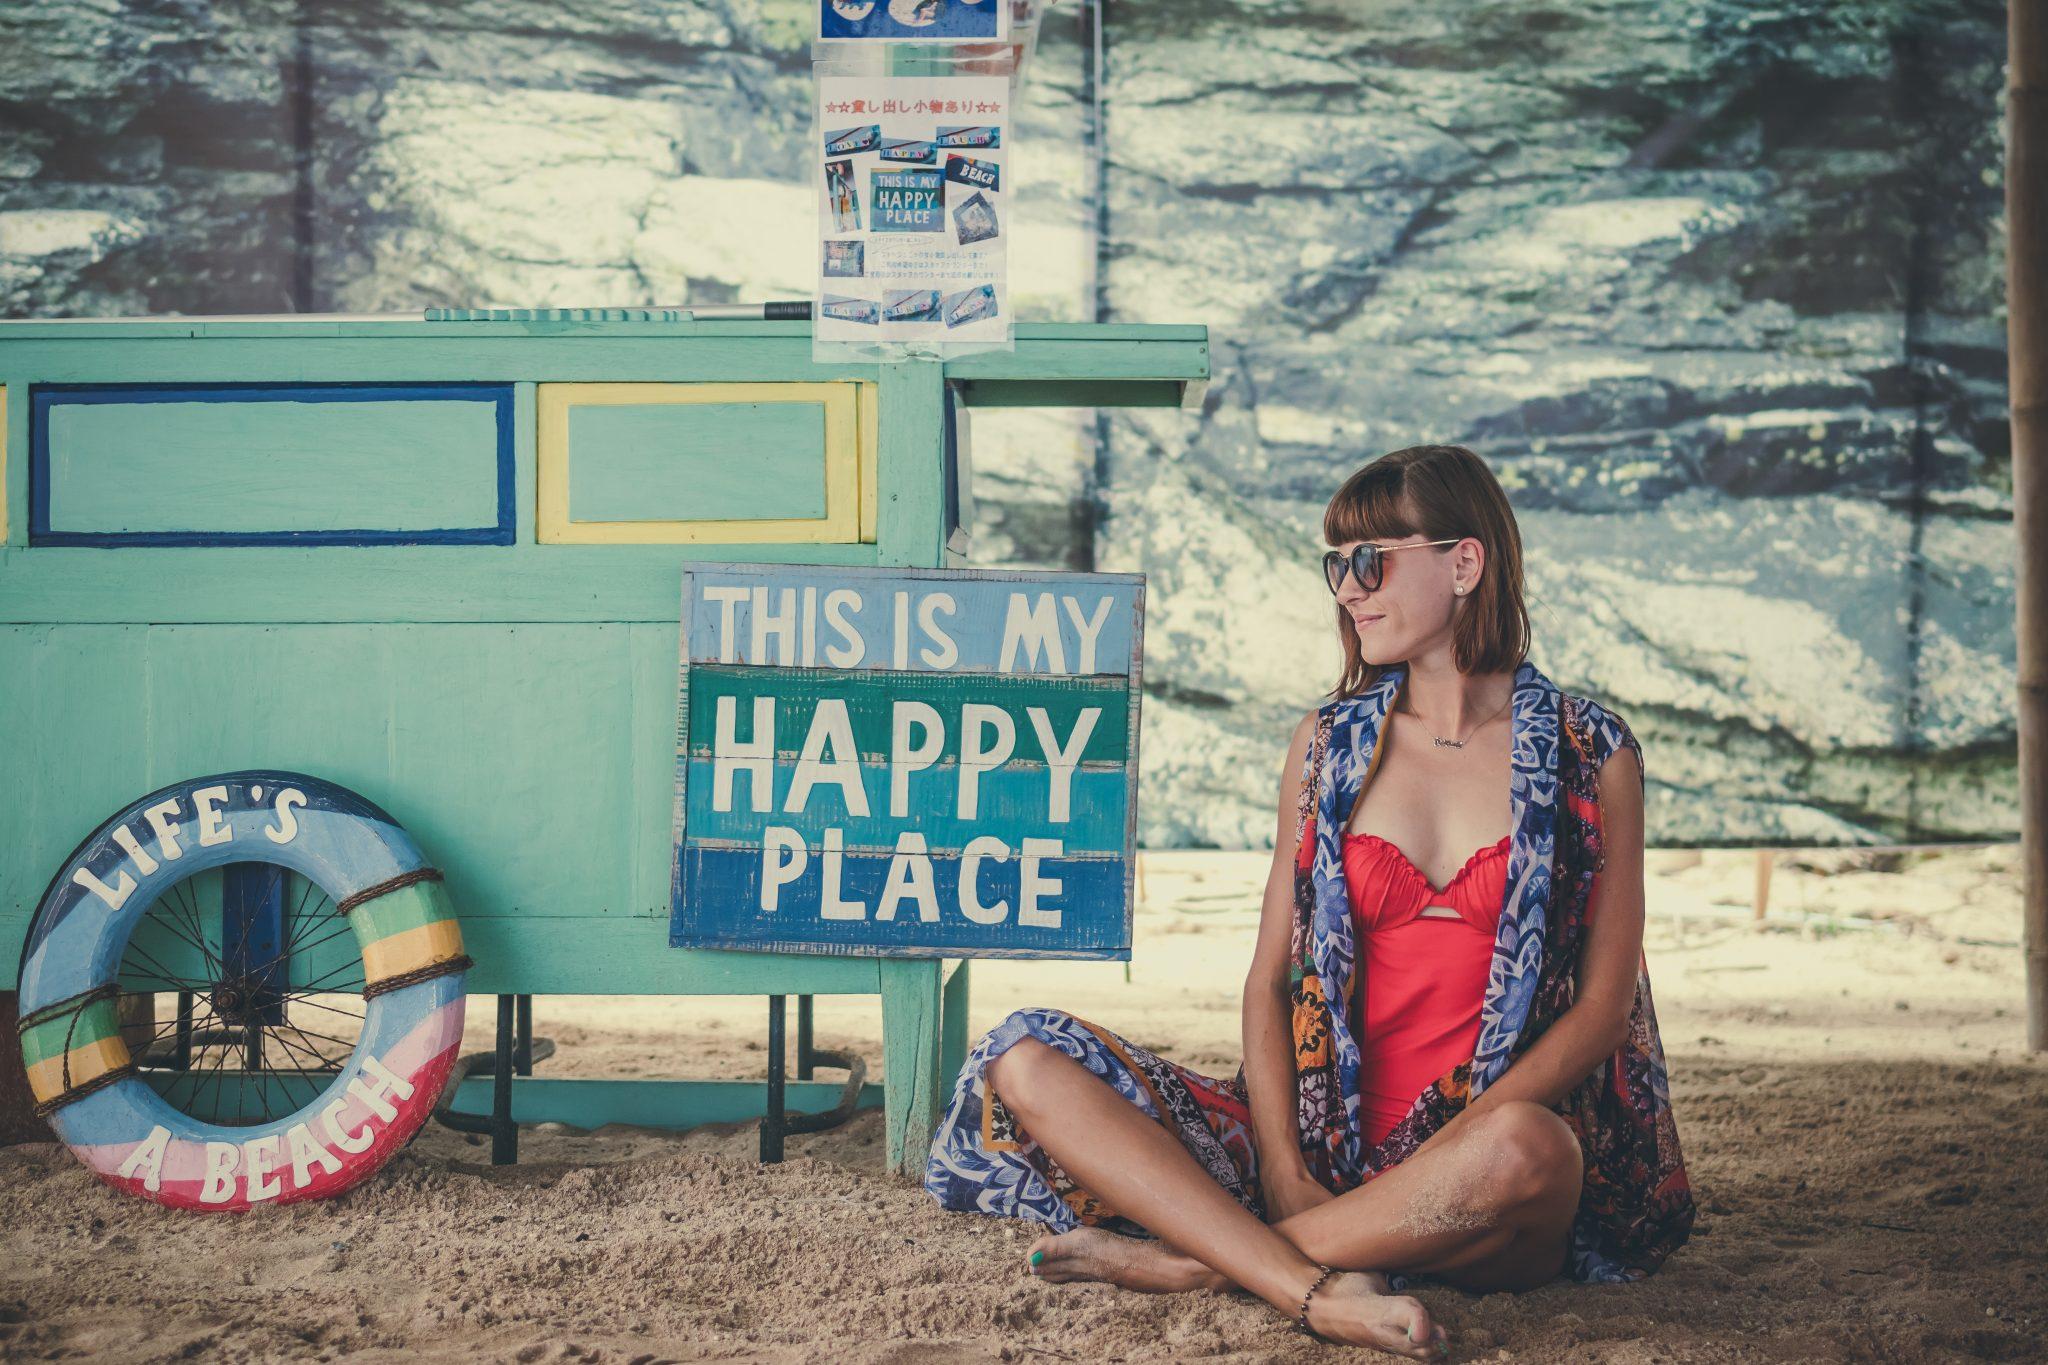 Ragazza felice seduta di fianco ad un cartello scritto in inglese 'Questo è il mio posto felice' - foto in CC pubblicata da tatianaberlaffa.com